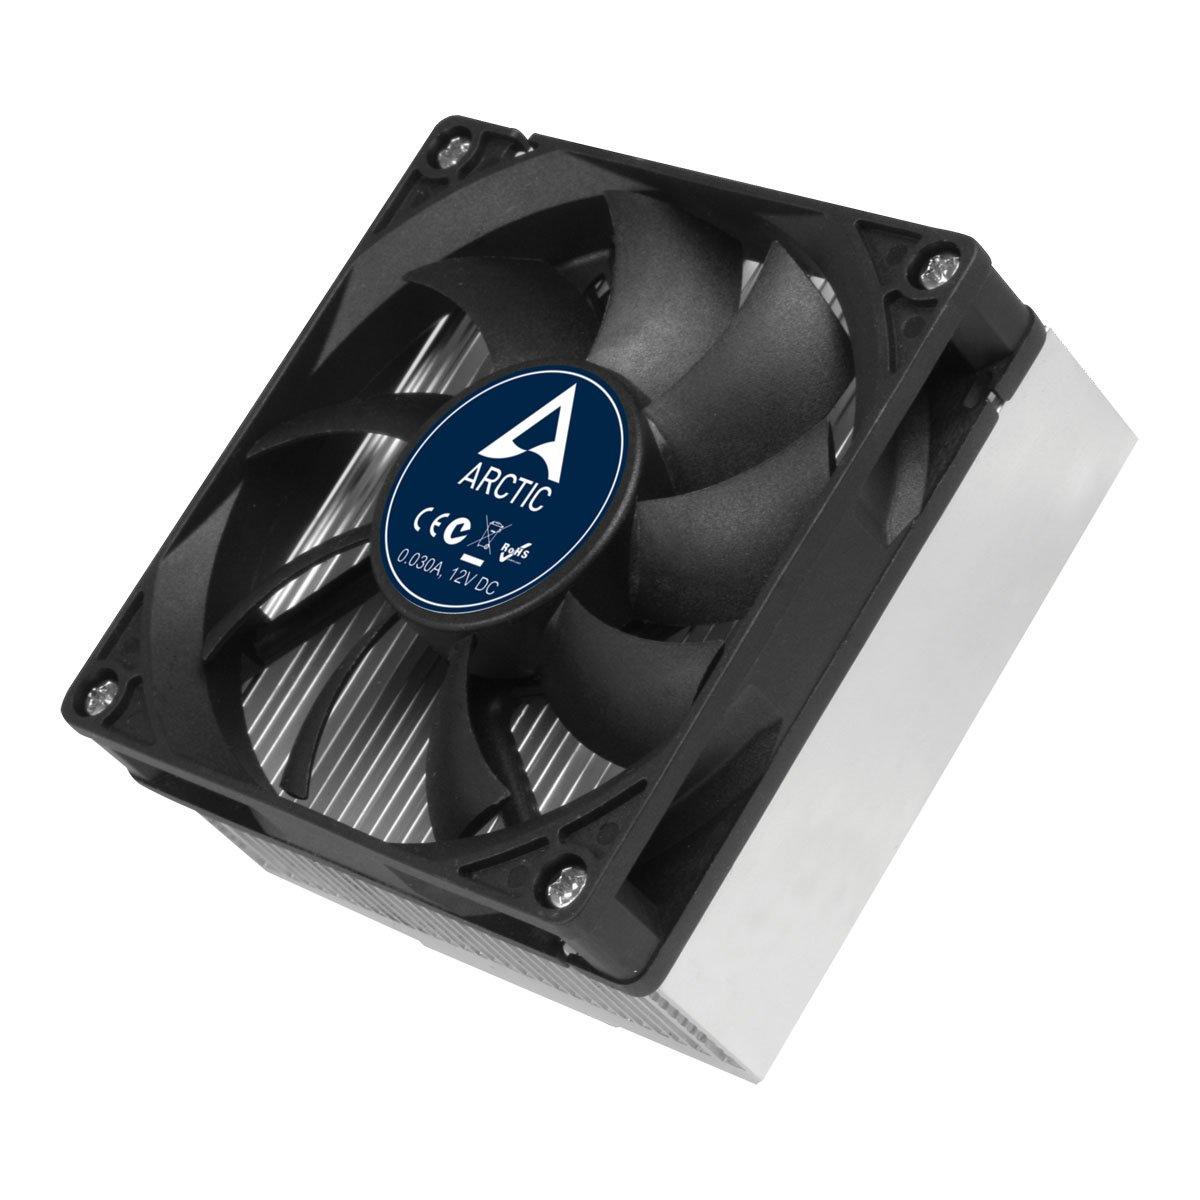 Ventola per CPU I Sistema di raffreddamento per CPU I Rumorosit/à Ridotta al Minimo I Alte Prestazioni ARCTIC Alpine M1 M1